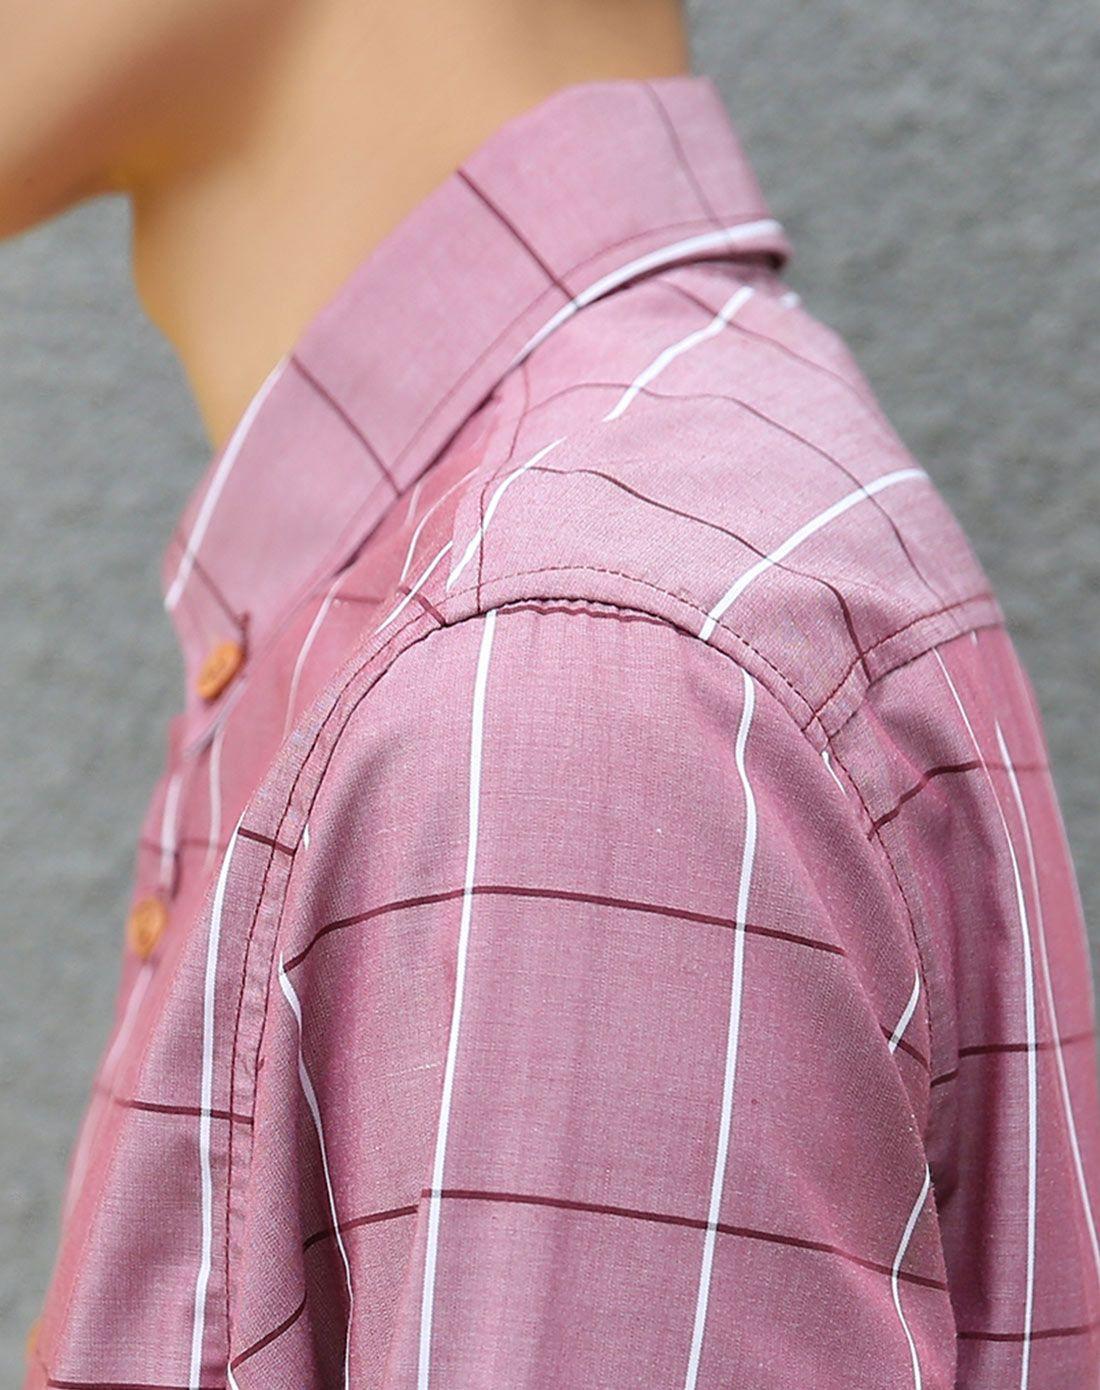 凡兔ONE-T男红色格子图案时尚休闲衬衫CK-3